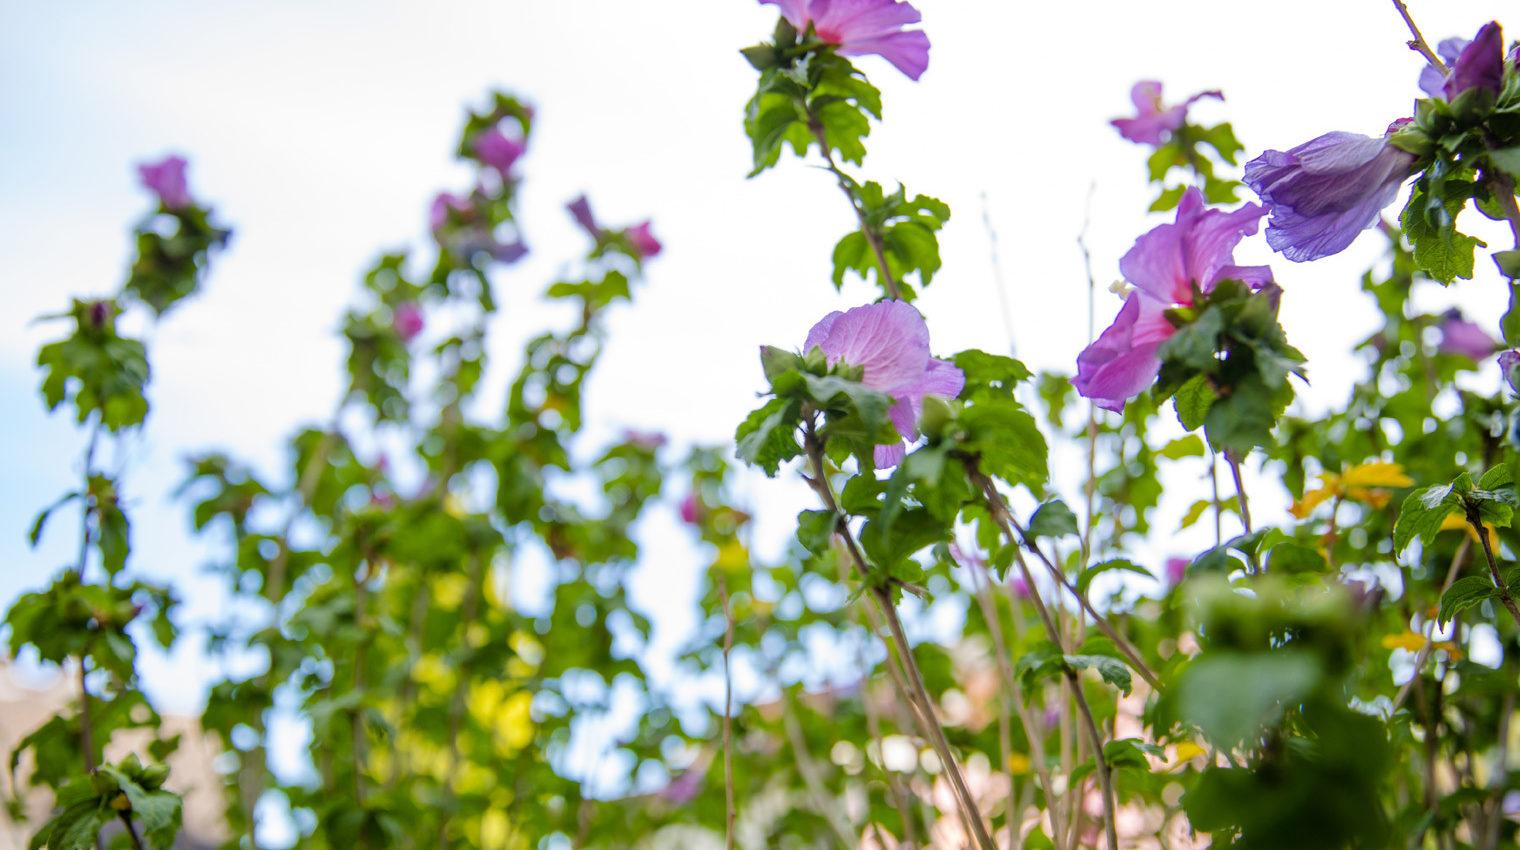 Garten im Frühling: Grüner Pflanzenstrauch mit vielen lila Blüten vor hellem Hintergrund